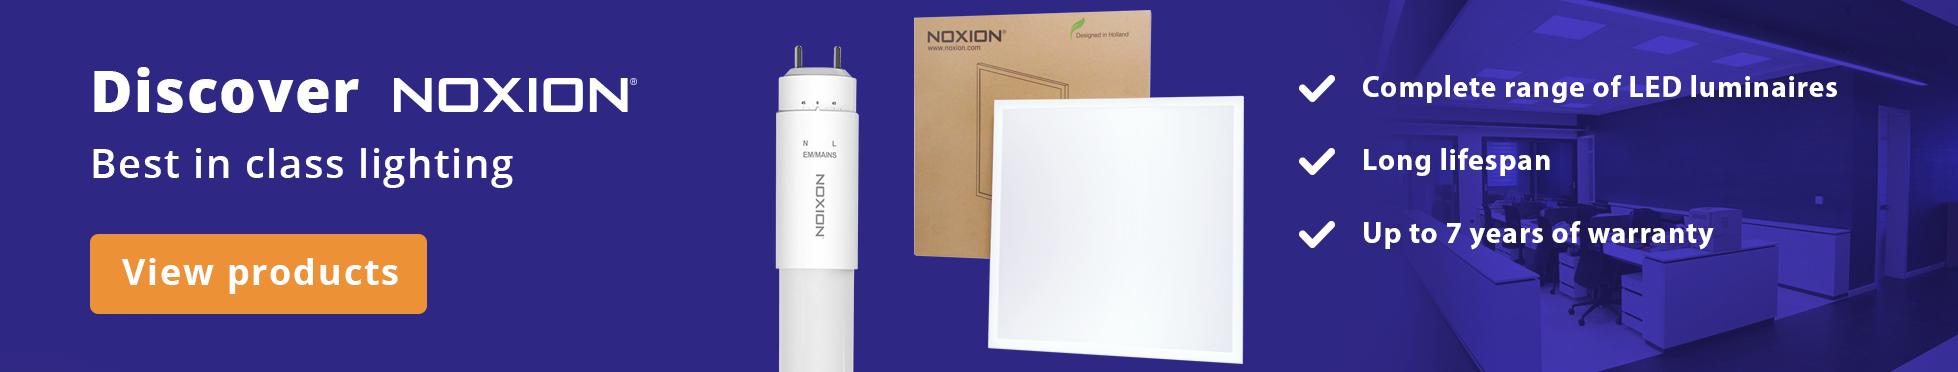 Budgetlight Discover Noxion